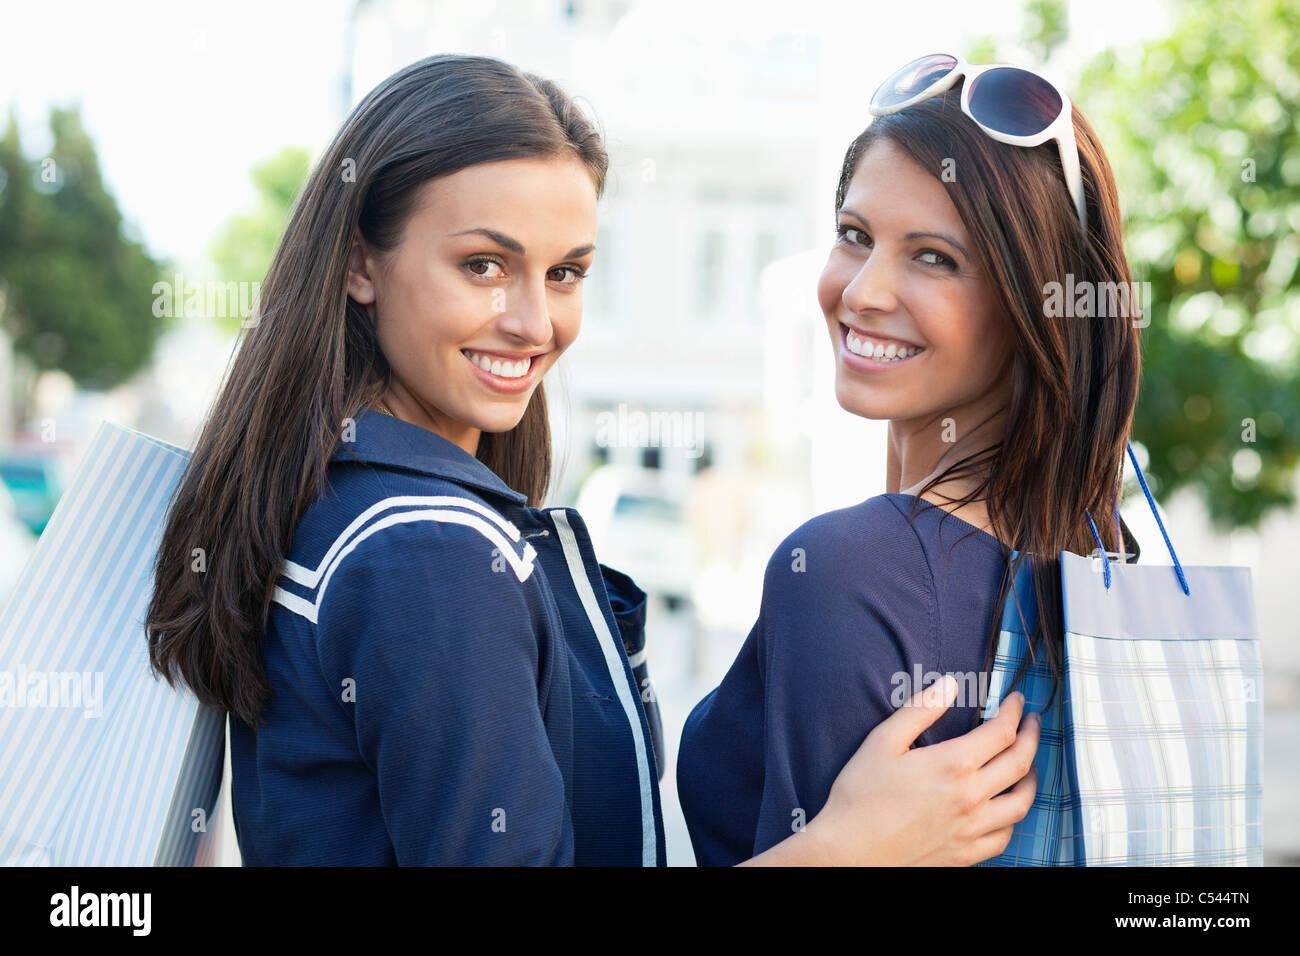 Retrato de dos jóvenes mujeres de pie con bolsas de la compra. Imagen De Stock